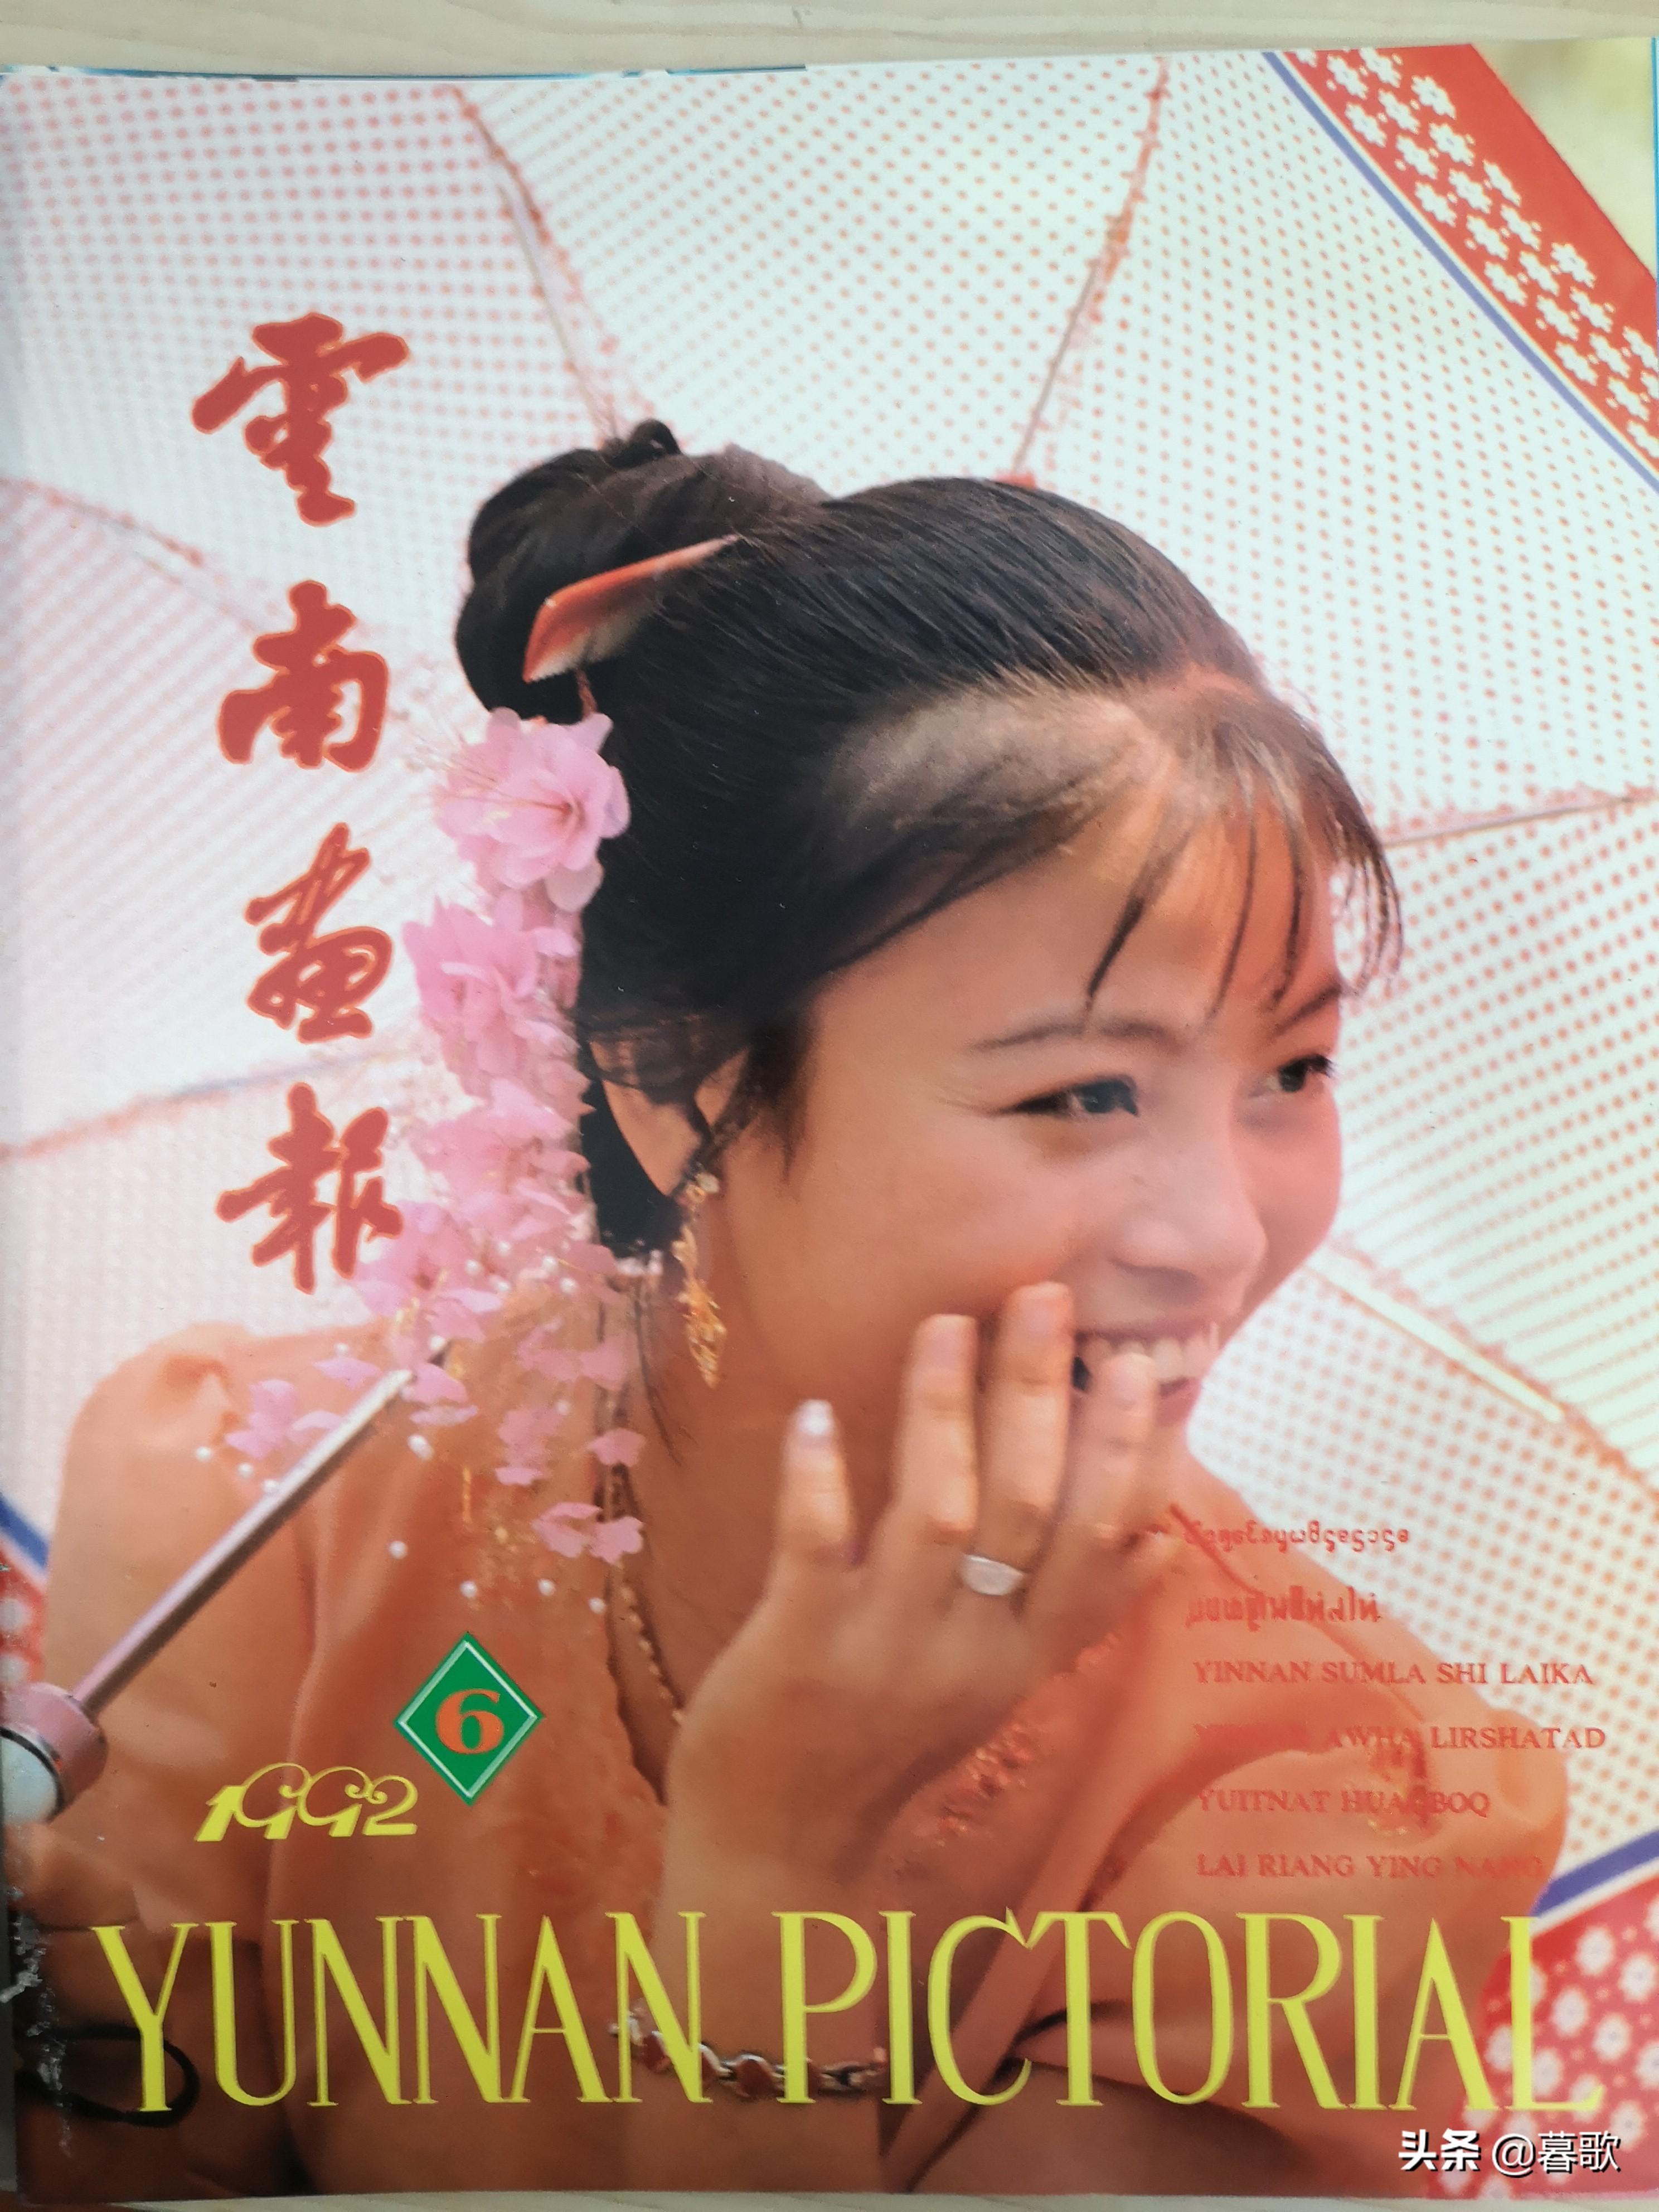 八九十年代,那些出现在杂志封面的云南少数民族美女们